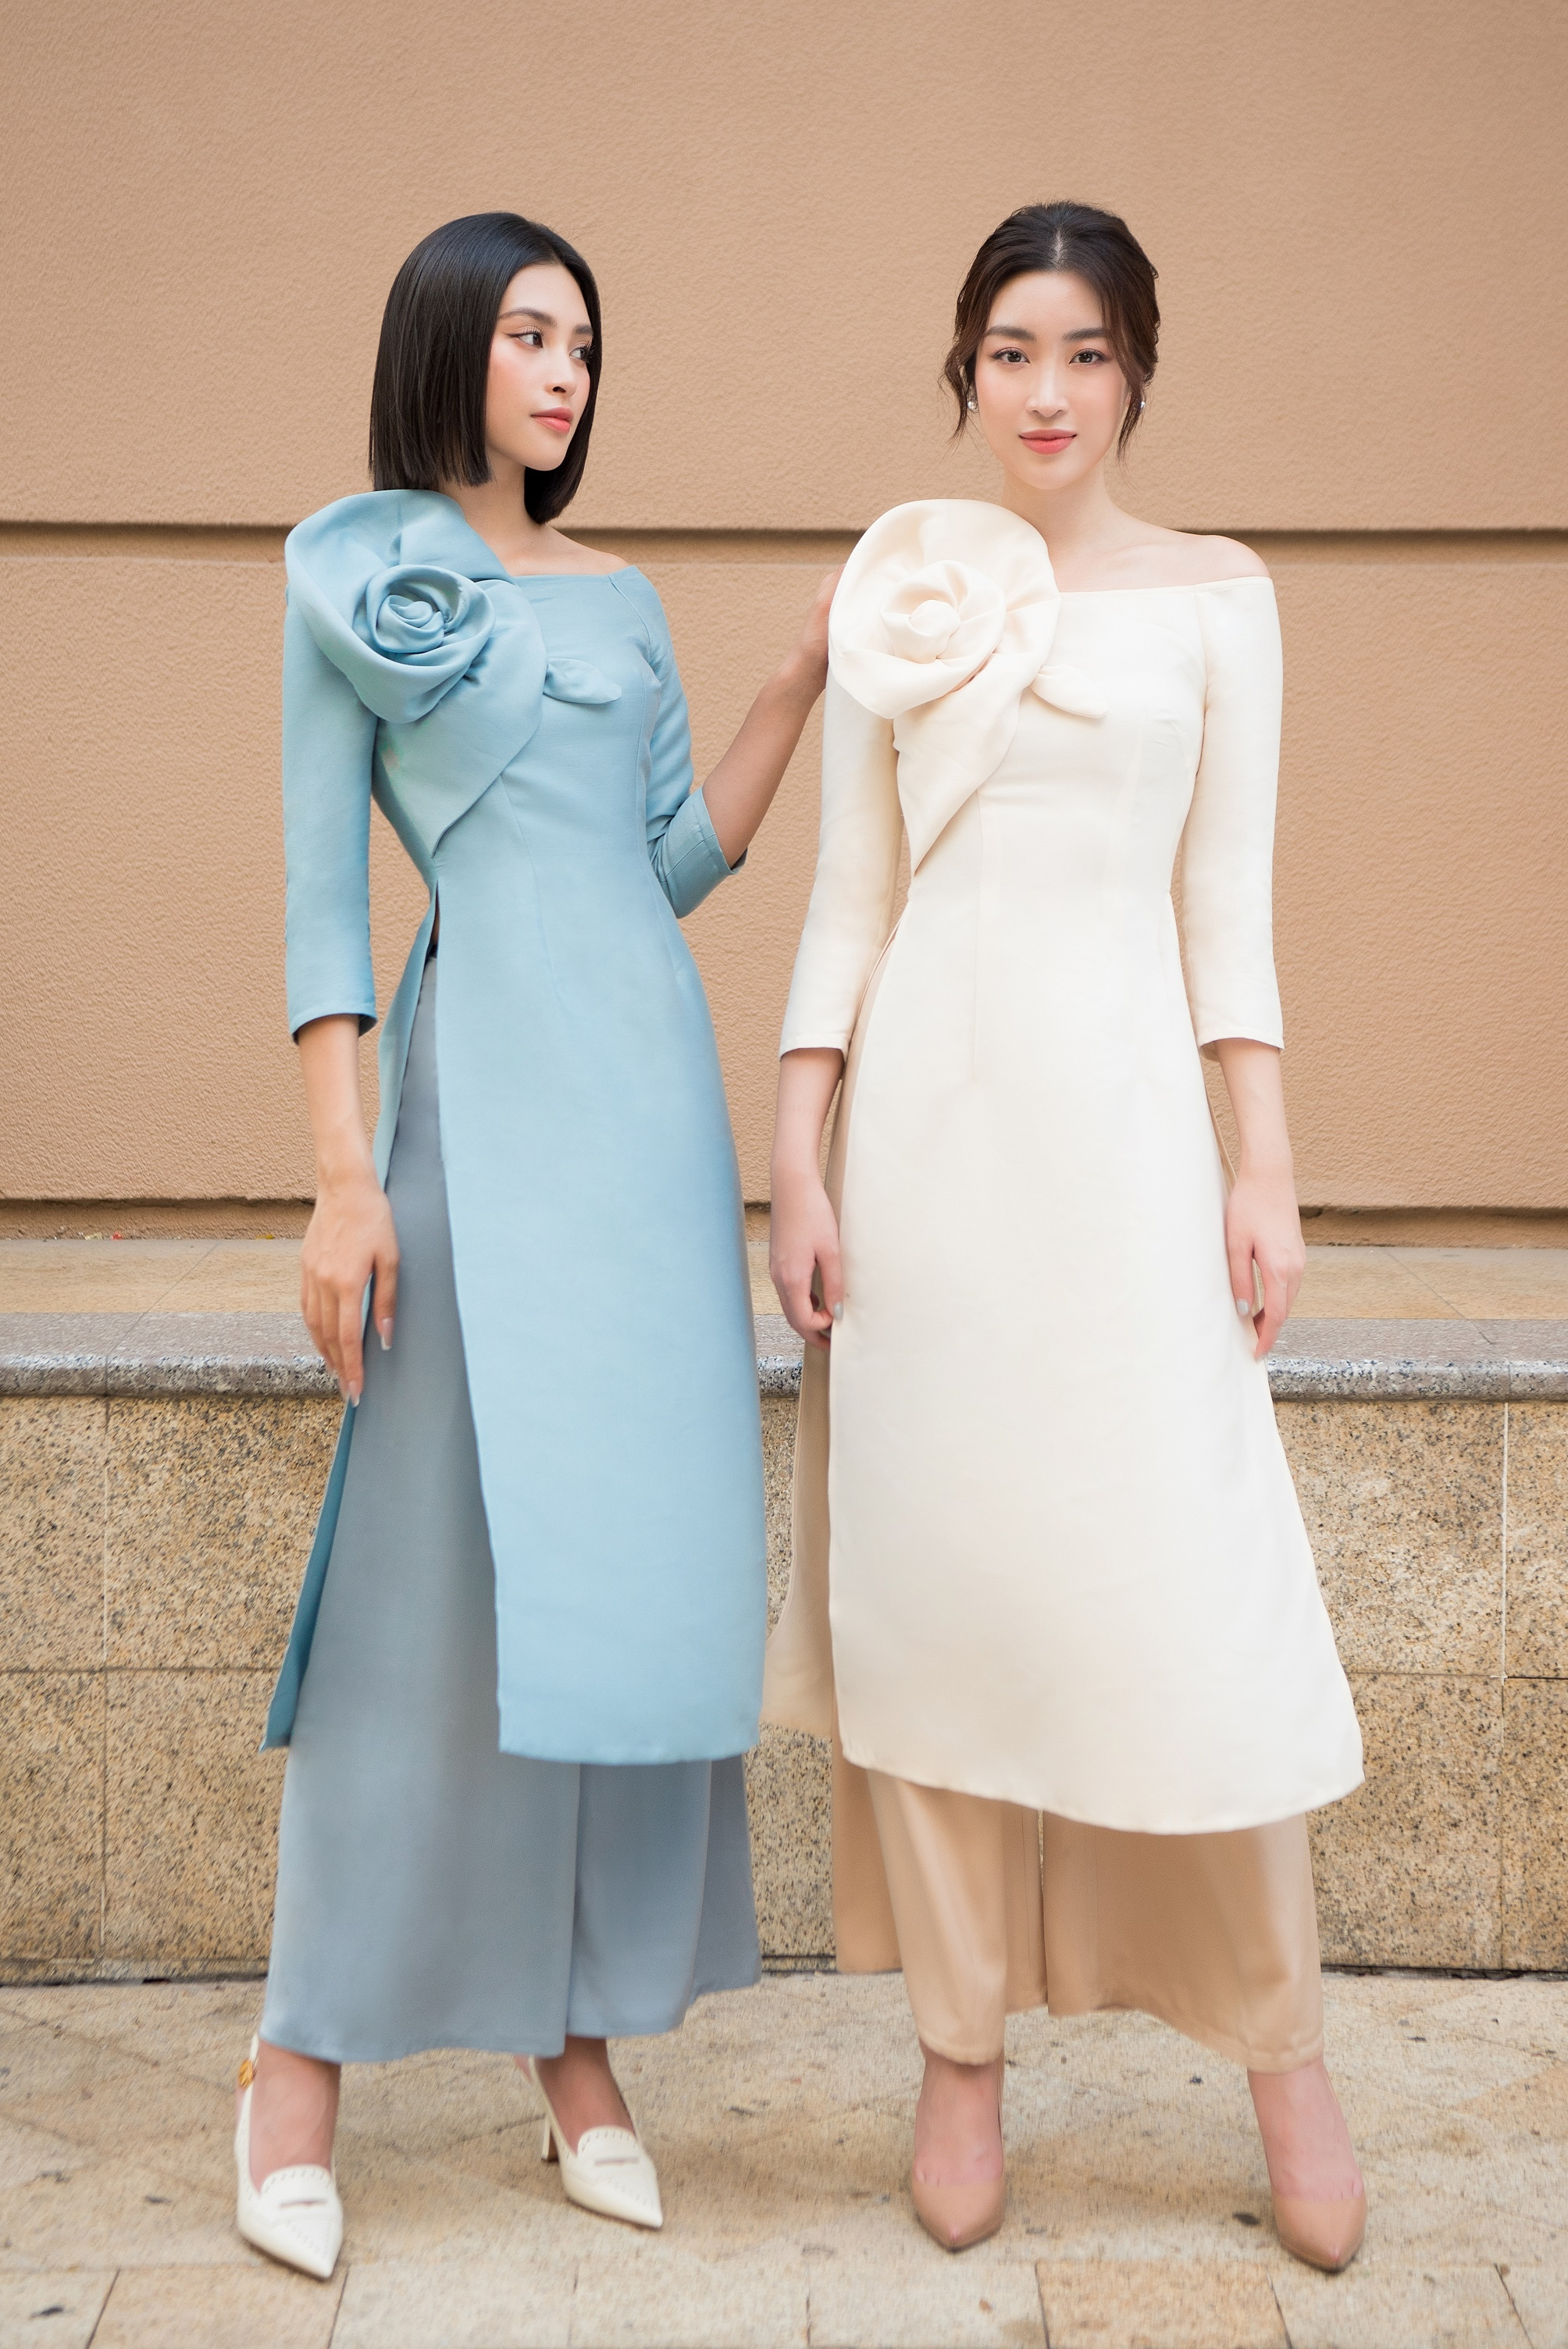 Hoa hậu Đỗ Mỹ Linh trình làng Bộ sưu tập áo dài Tết đến từ thương hiệu do cô sở hữu